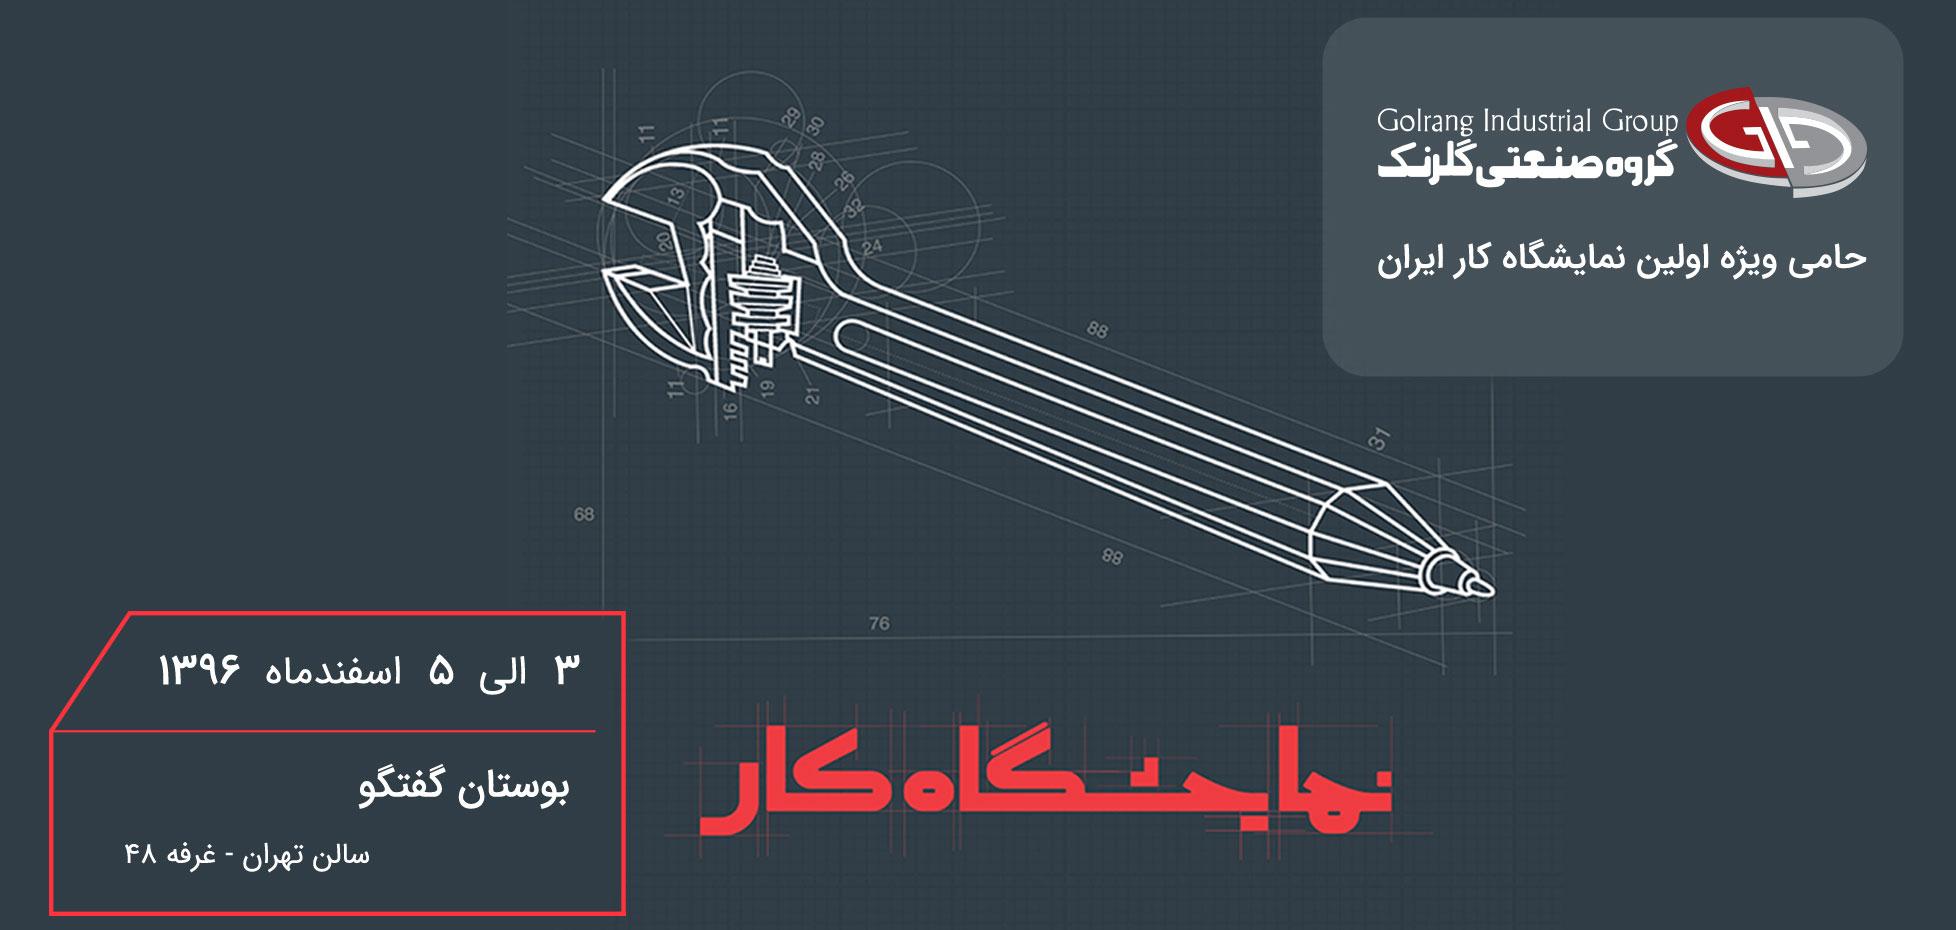 گلرنگ حامی ویژه نمایشگاه کار ایران